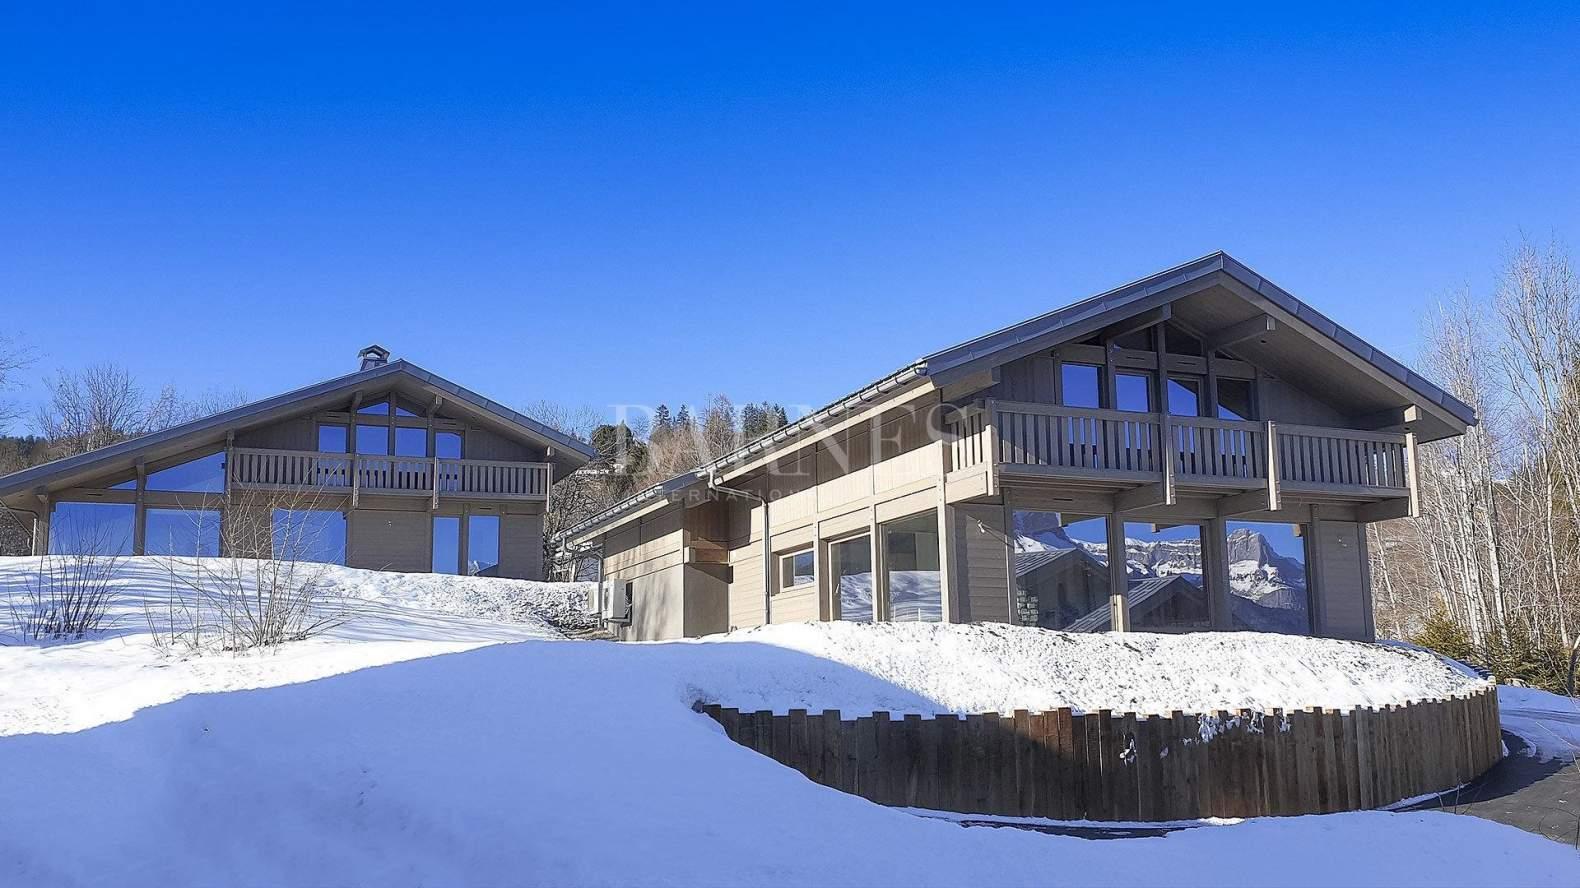 Combloux : Magnifique chalet à proximité des pistes de ski picture 1